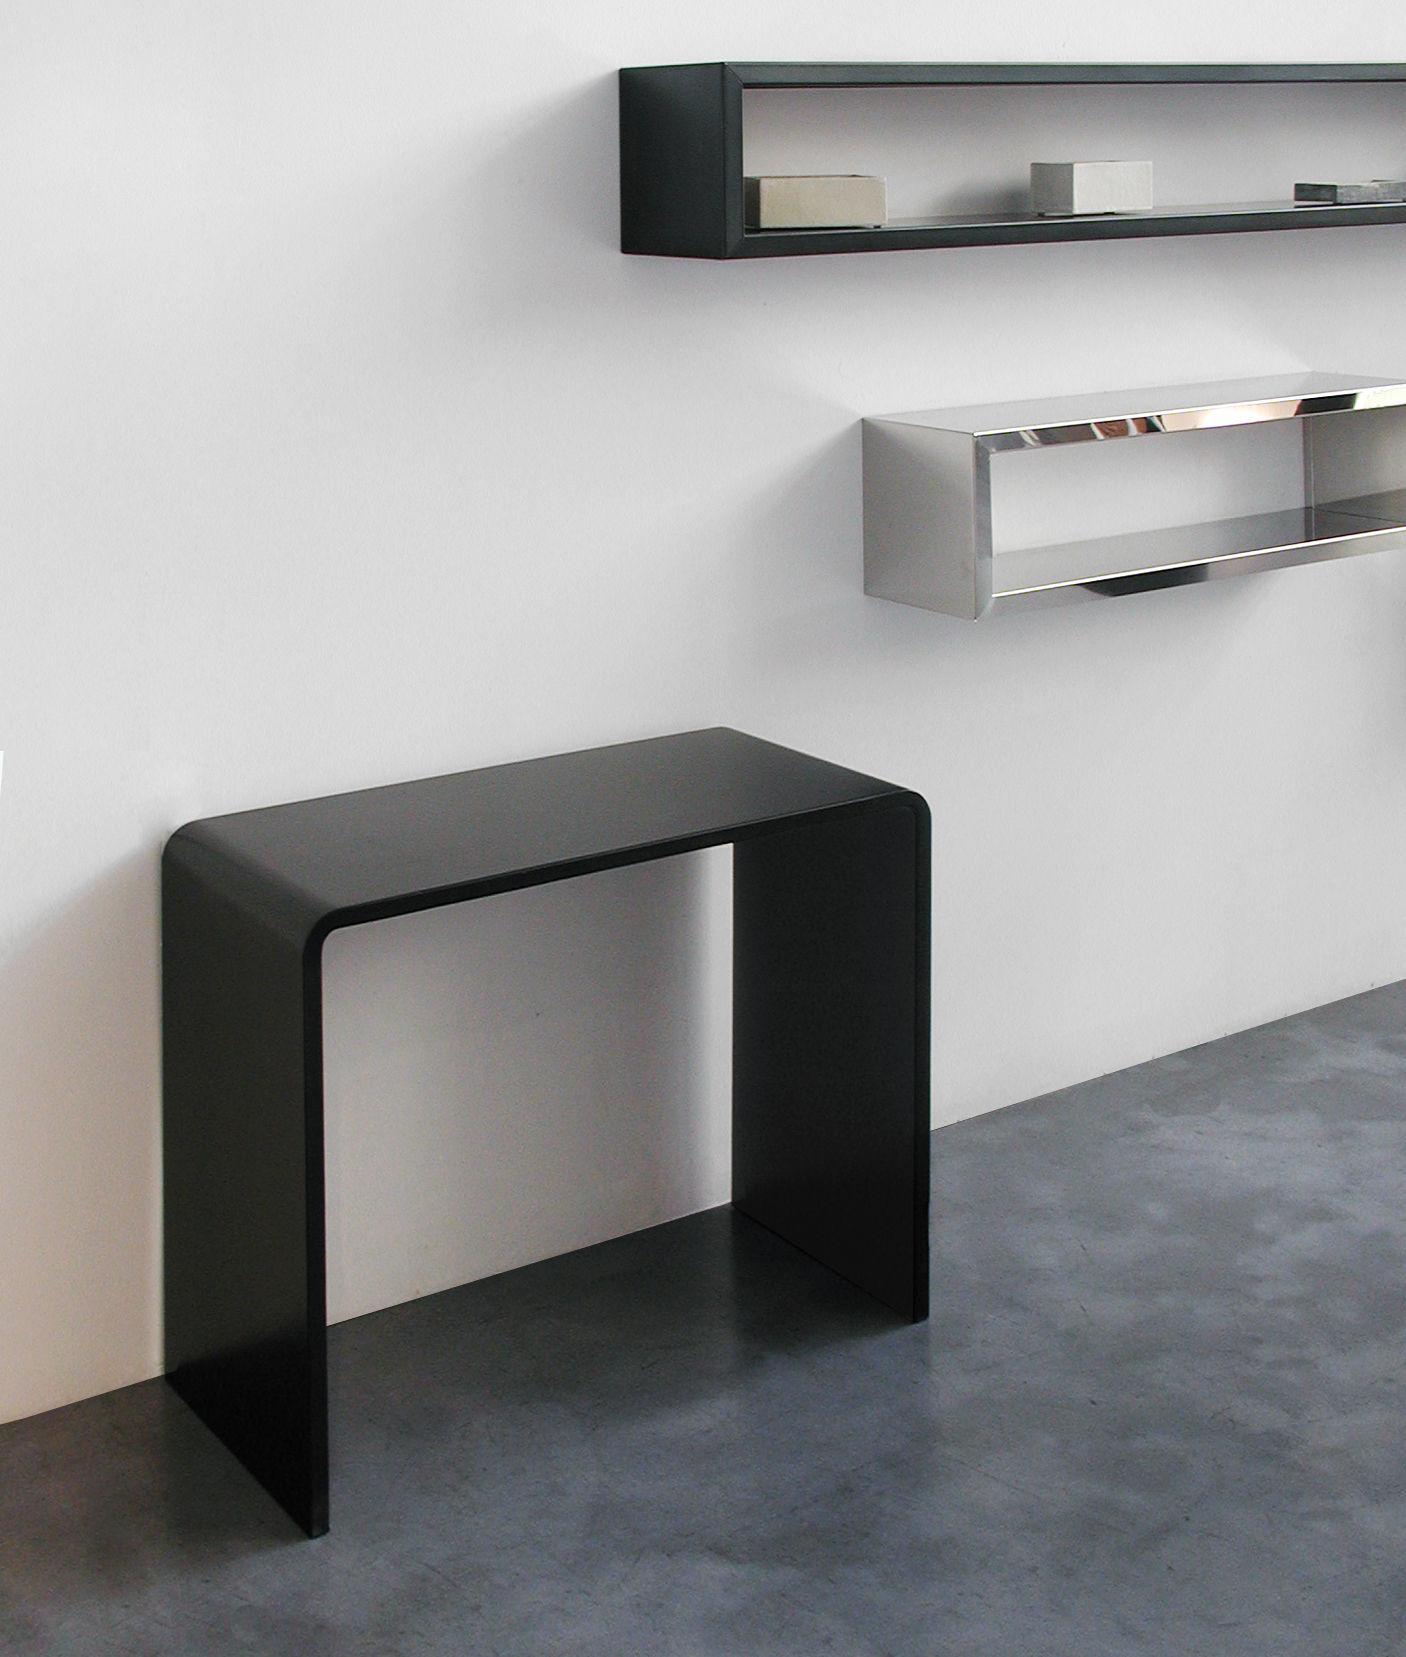 Console Solitaire Bureau L 87 X Prof 42 X H 74 Cm Acier Noir  # Meuble Acier Noir